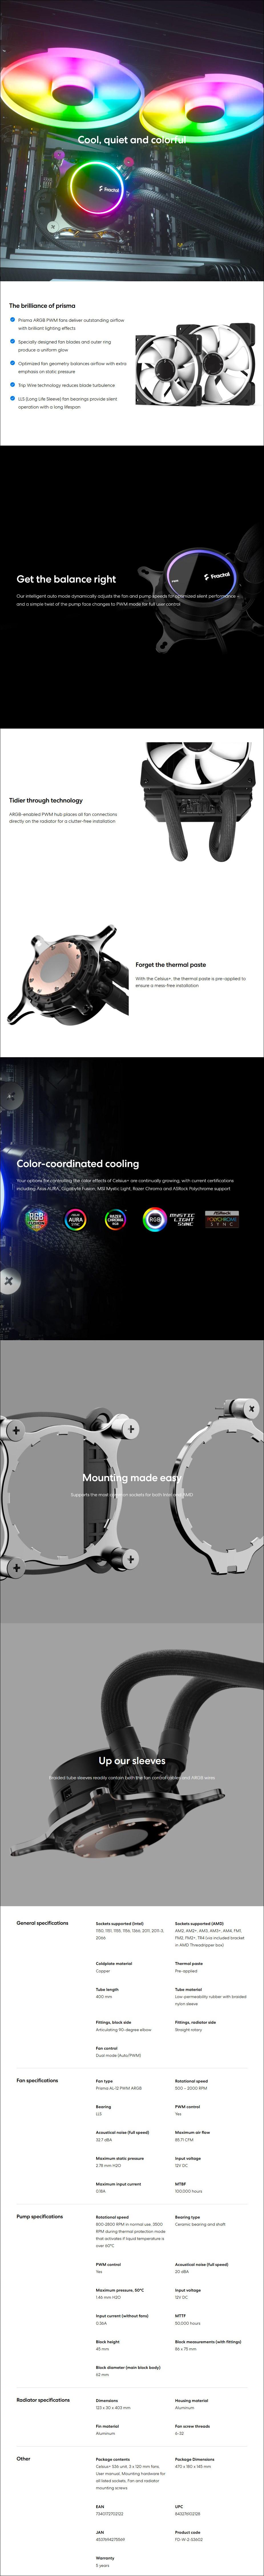 fractal_design_celsius_s36_prisma_liquid_cpu_cooler_ac34086_6.jpg